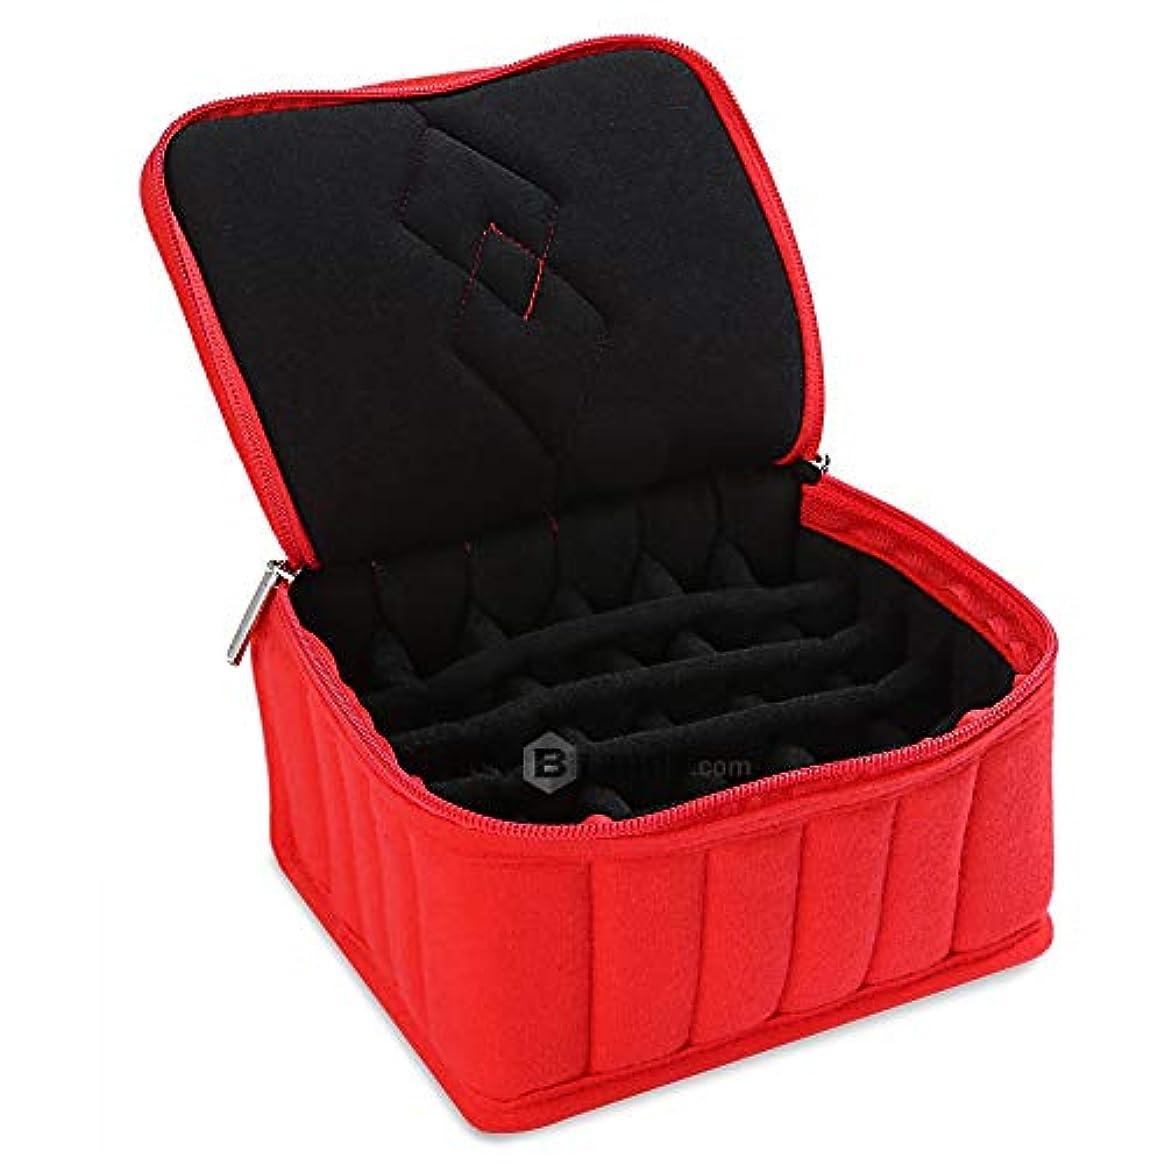 下る変位理容室リングケース 指輪 ベロア調 ピアスケース 30個 収納可 ディスプレイ 展示用 ジュエリーボックス